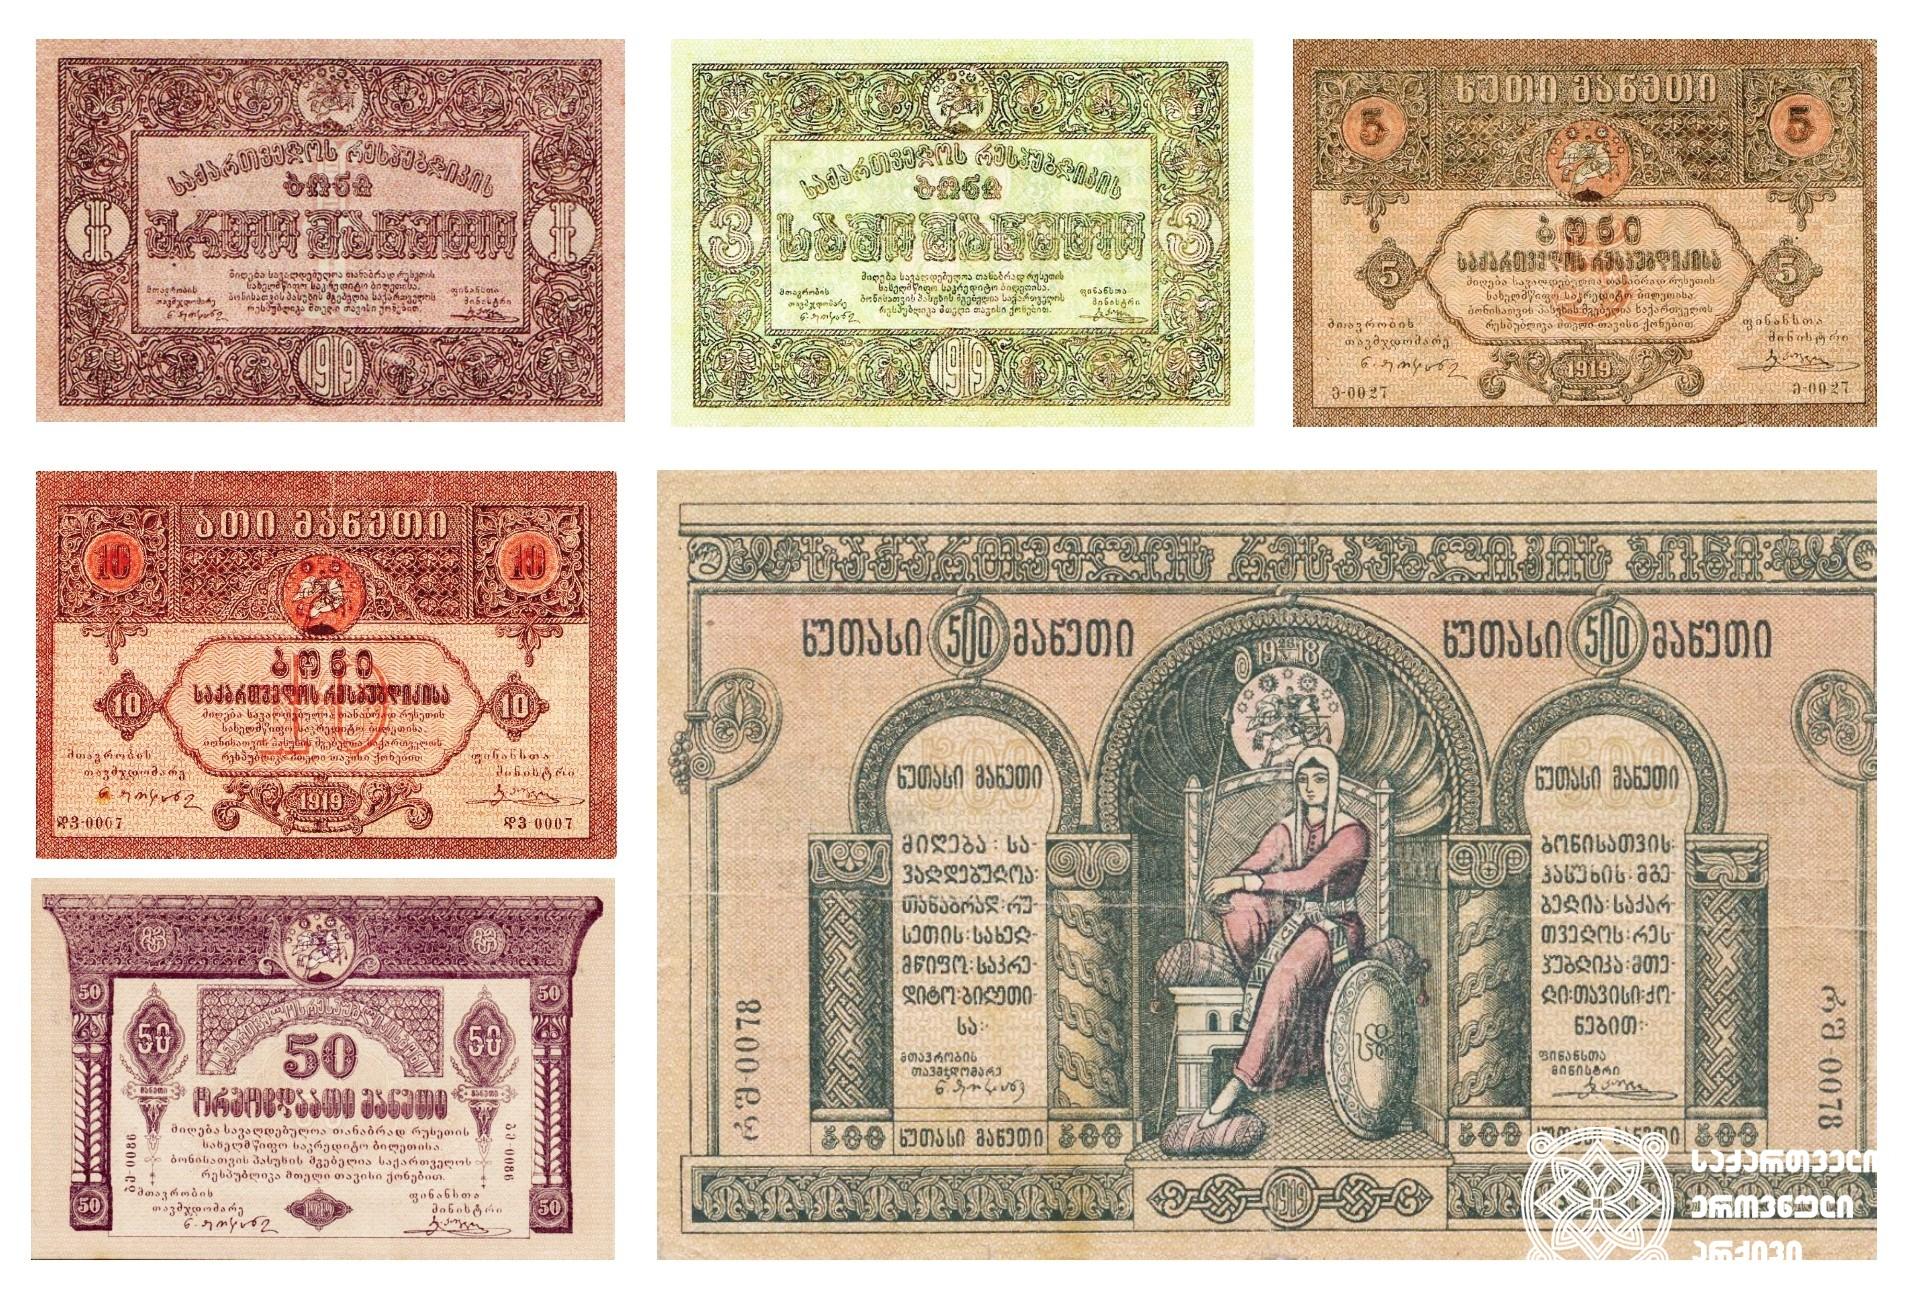 საქართველოს რესპუბლიკის ბონები. <br> 1919 წელი. <br> Bonds of the Republic of Georgia. <br> 1919.